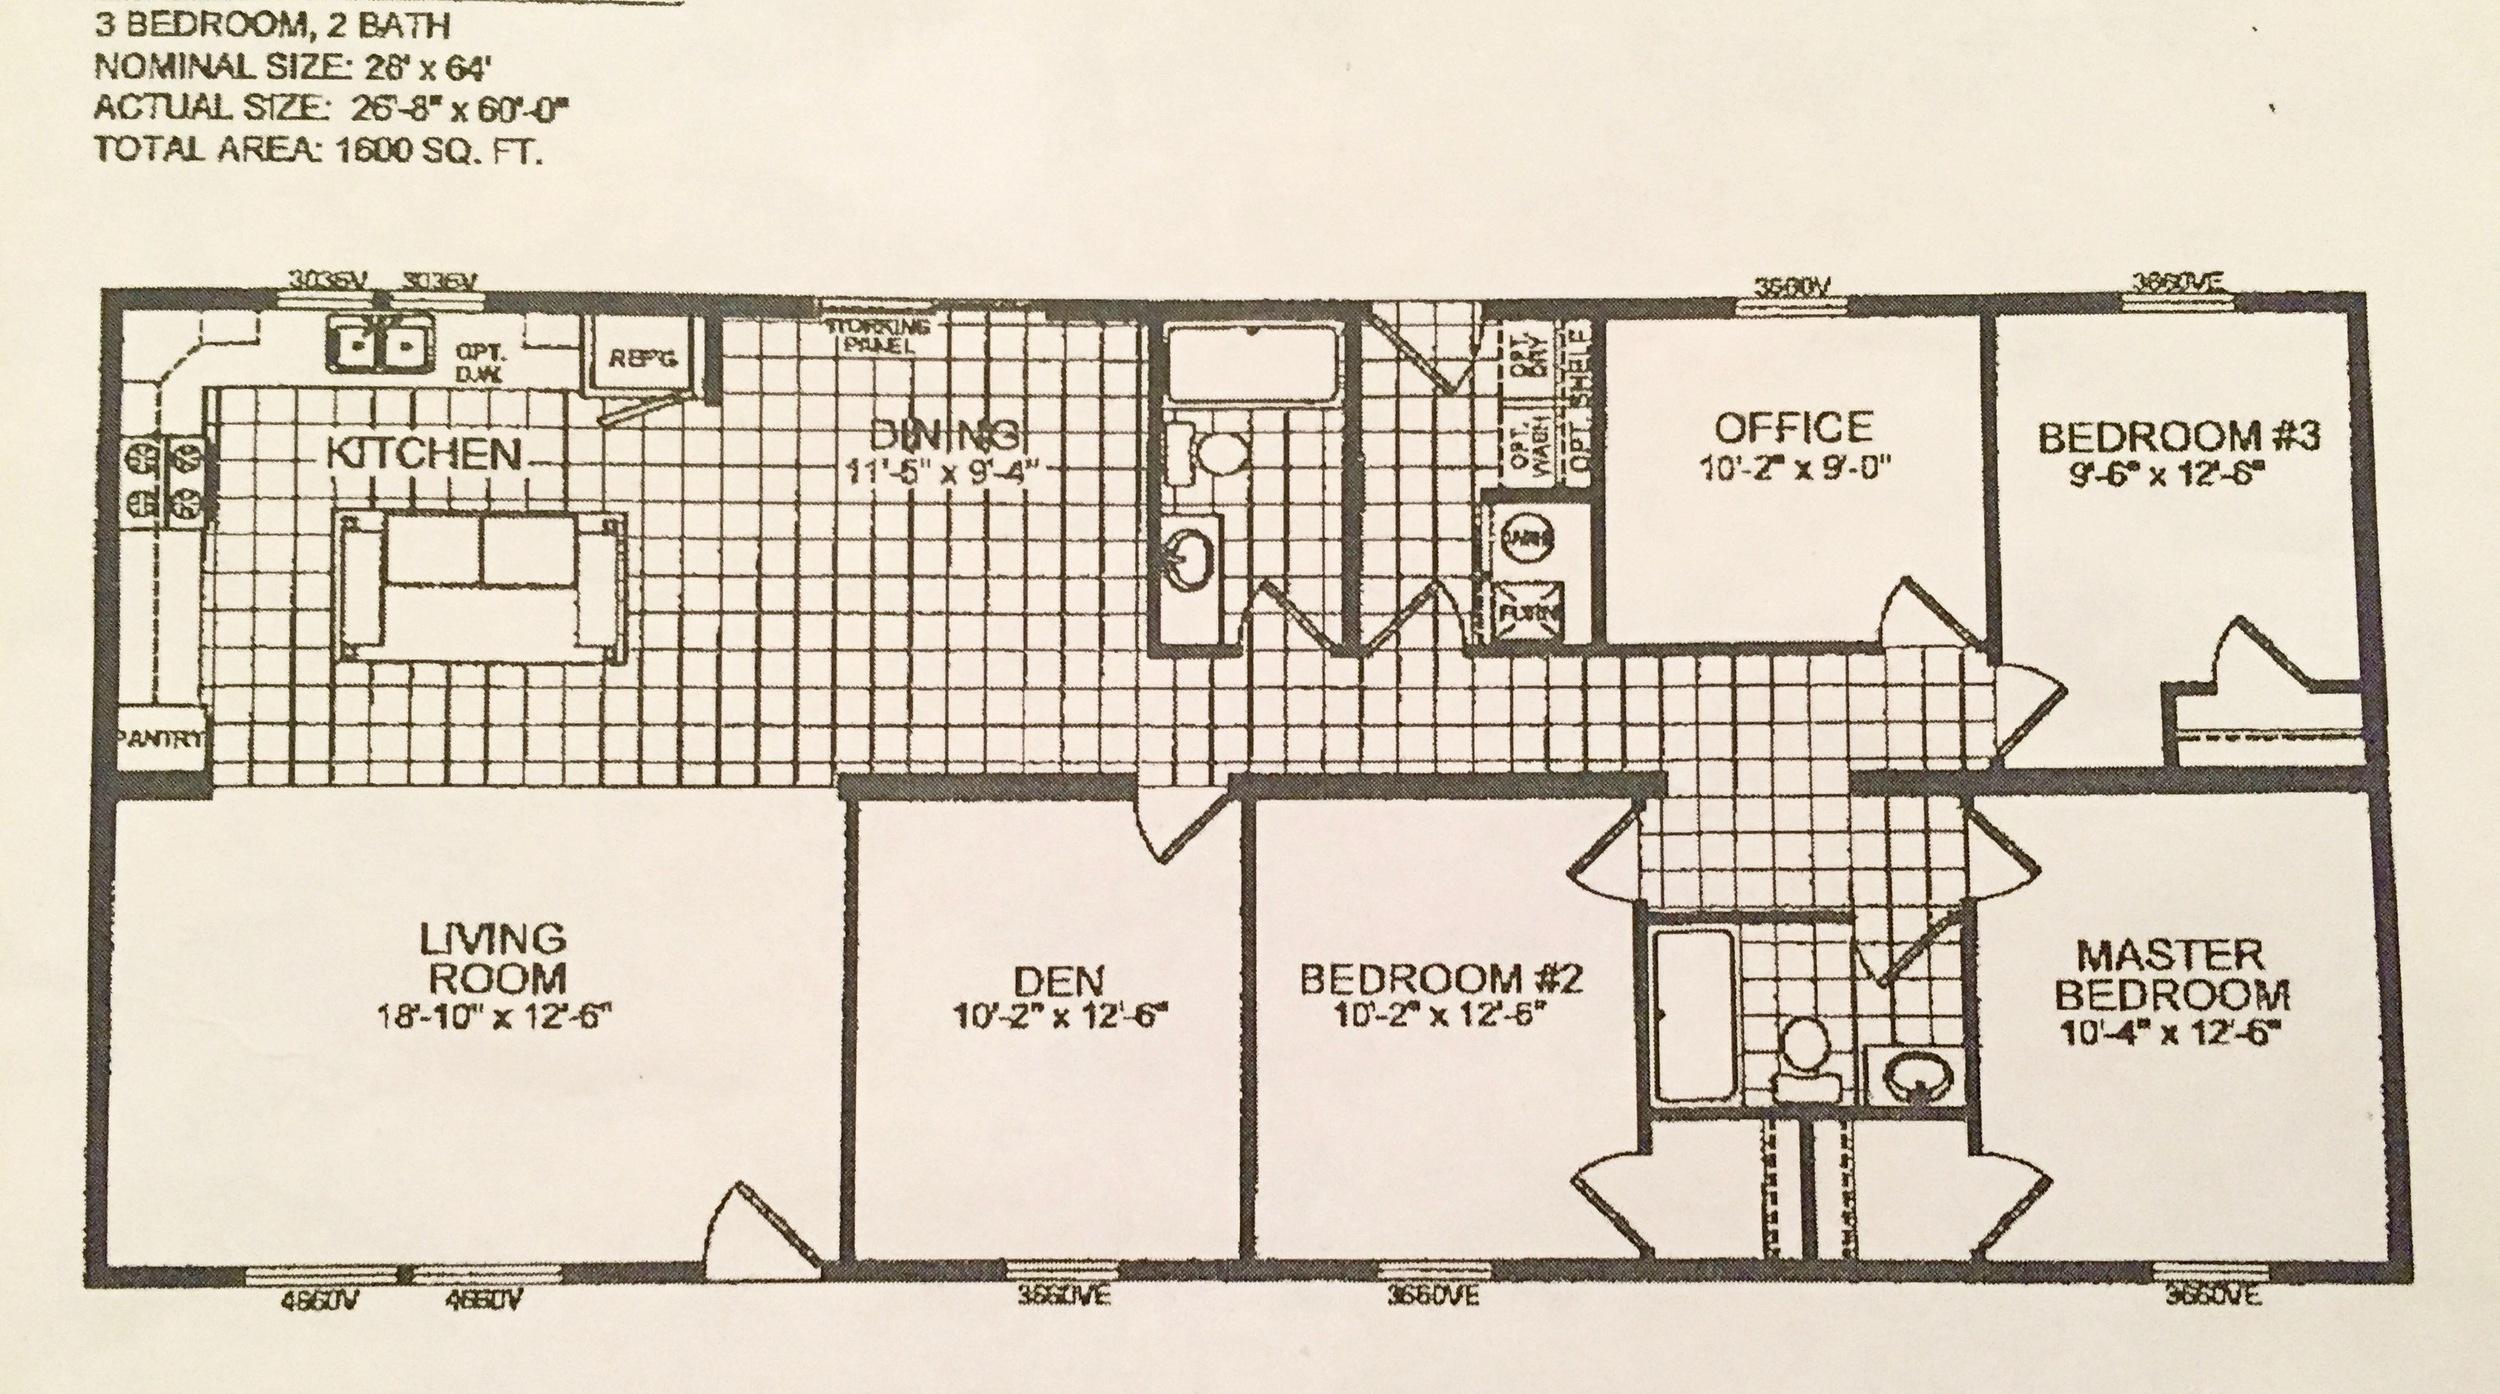 Double-Wide Floor Plan: 5 Bedrooms in 1600 Square Feet ... on 2000 sq ft 4 bedroom house plans, 2100 sq ft 4 bedroom house plans, 1700 sq ft 4 bedroom house plans, 1800 sq ft 4 bedroom house plans, 2200 sq ft 4 bedroom house plans,